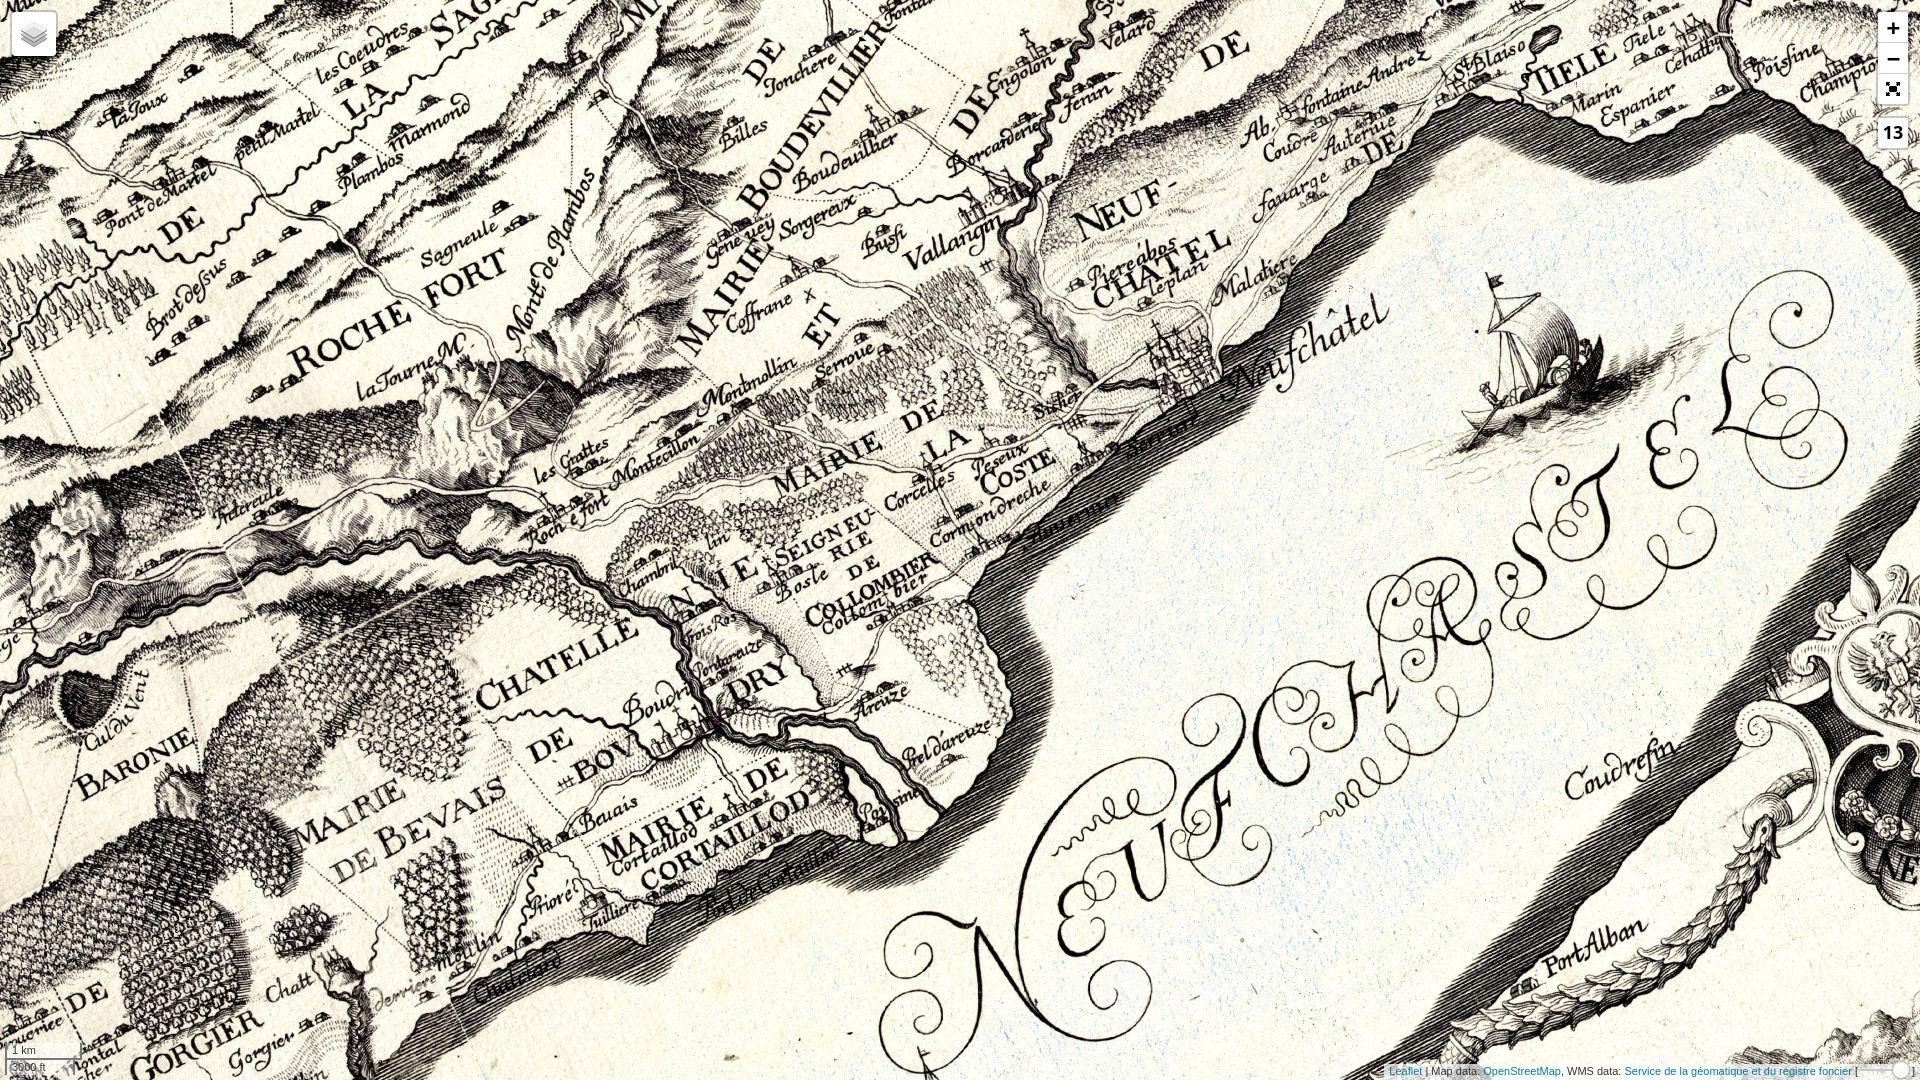 Kantonskarte des Nicolai Berolini (1707)